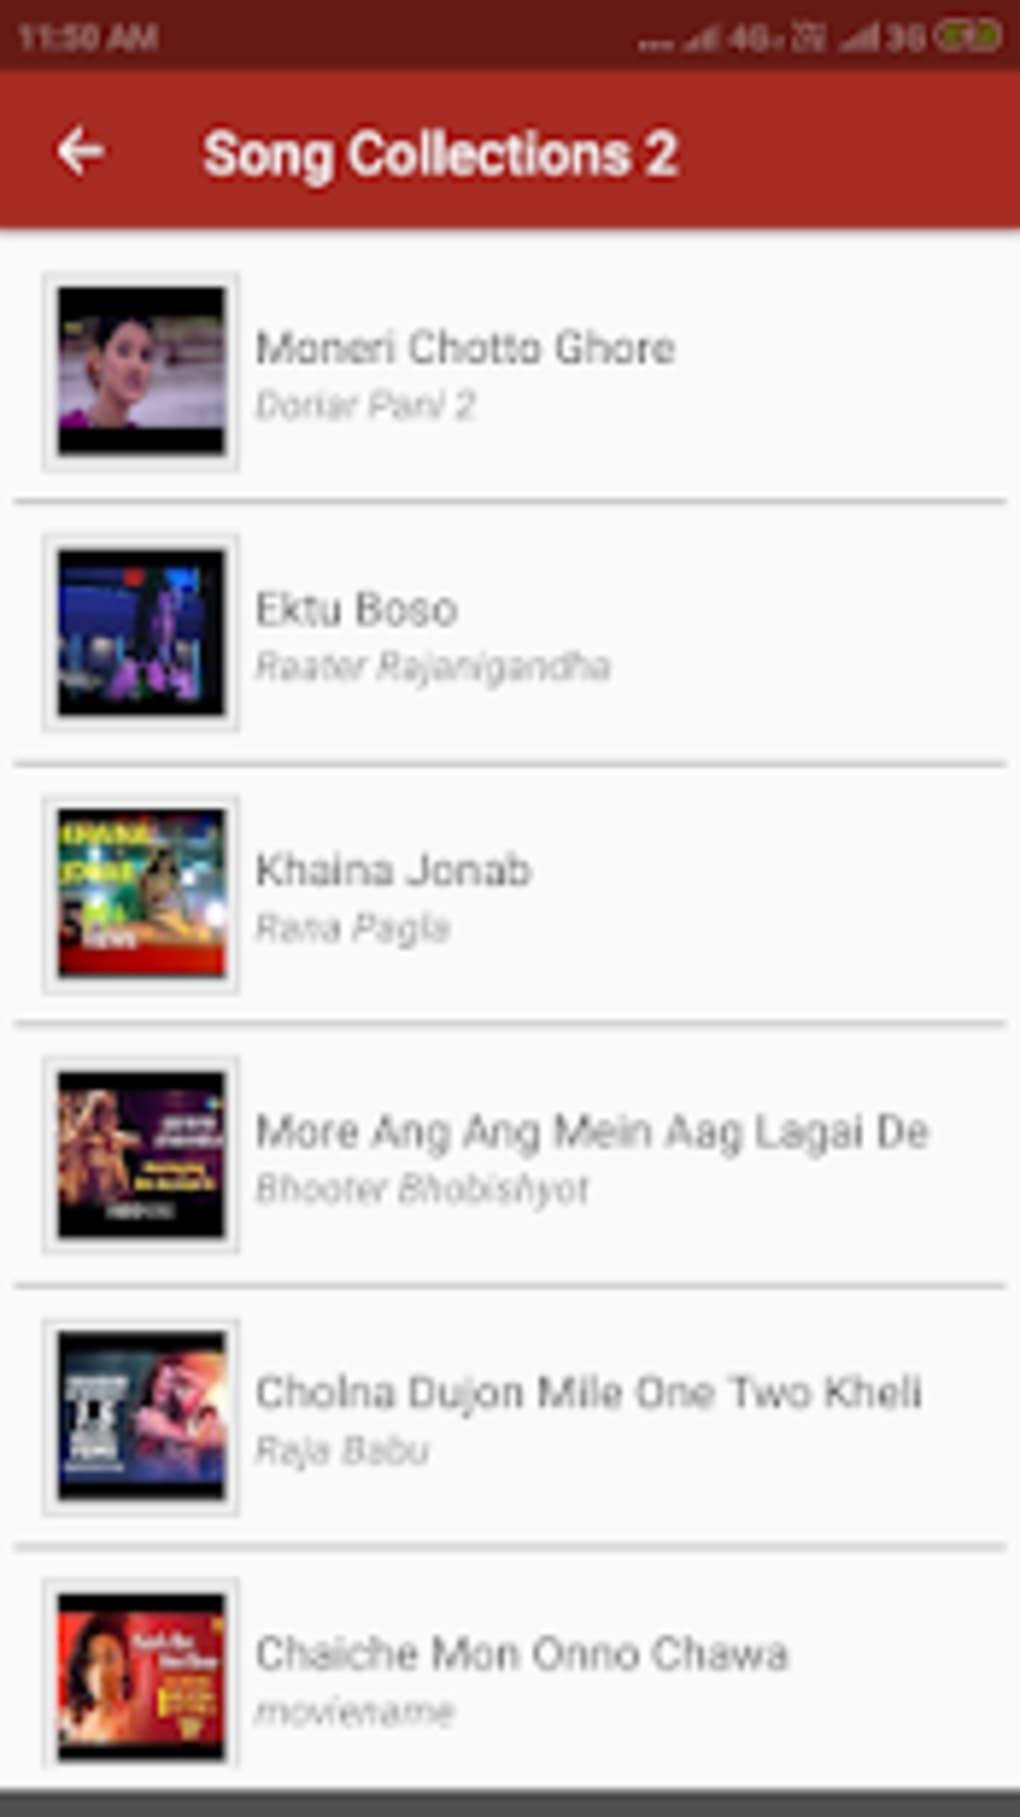 Bangla song 2020